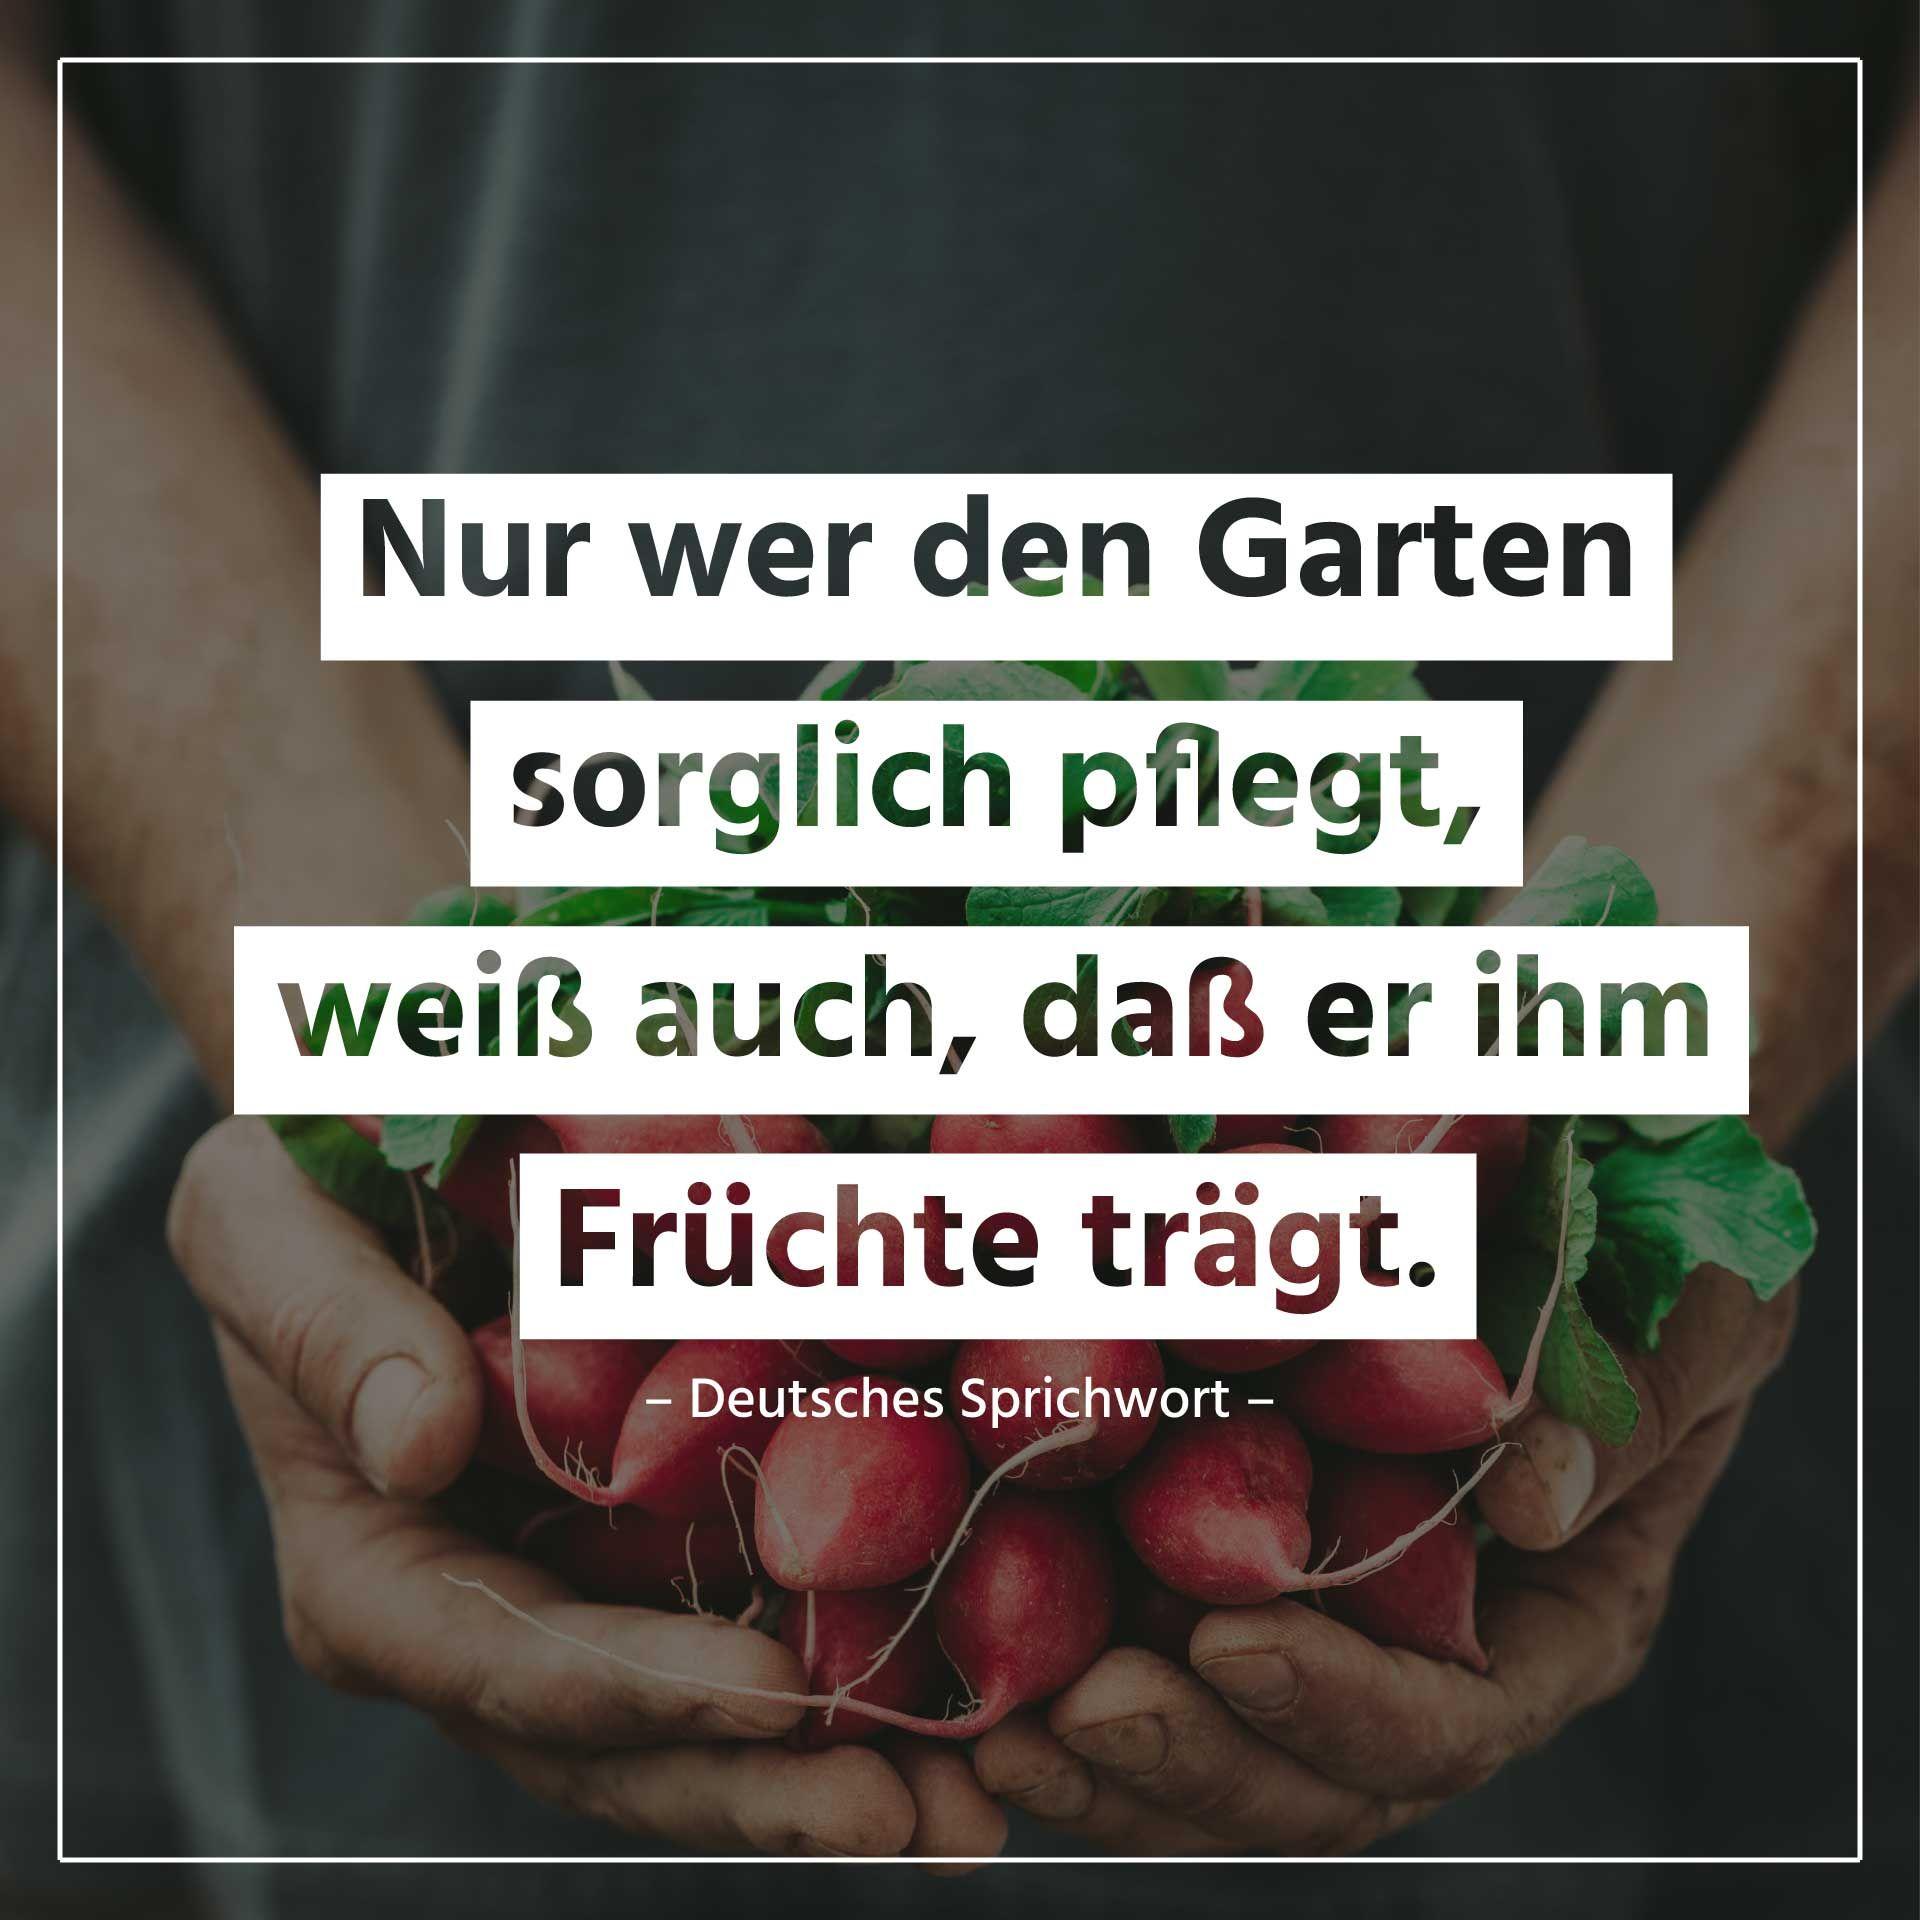 Lebensweisheiten Zum Thema Garten Und Noch Weiter Gute Weitere Spruche Und Zitate Spruche Zitate Zitate Deutsches Sprichwort